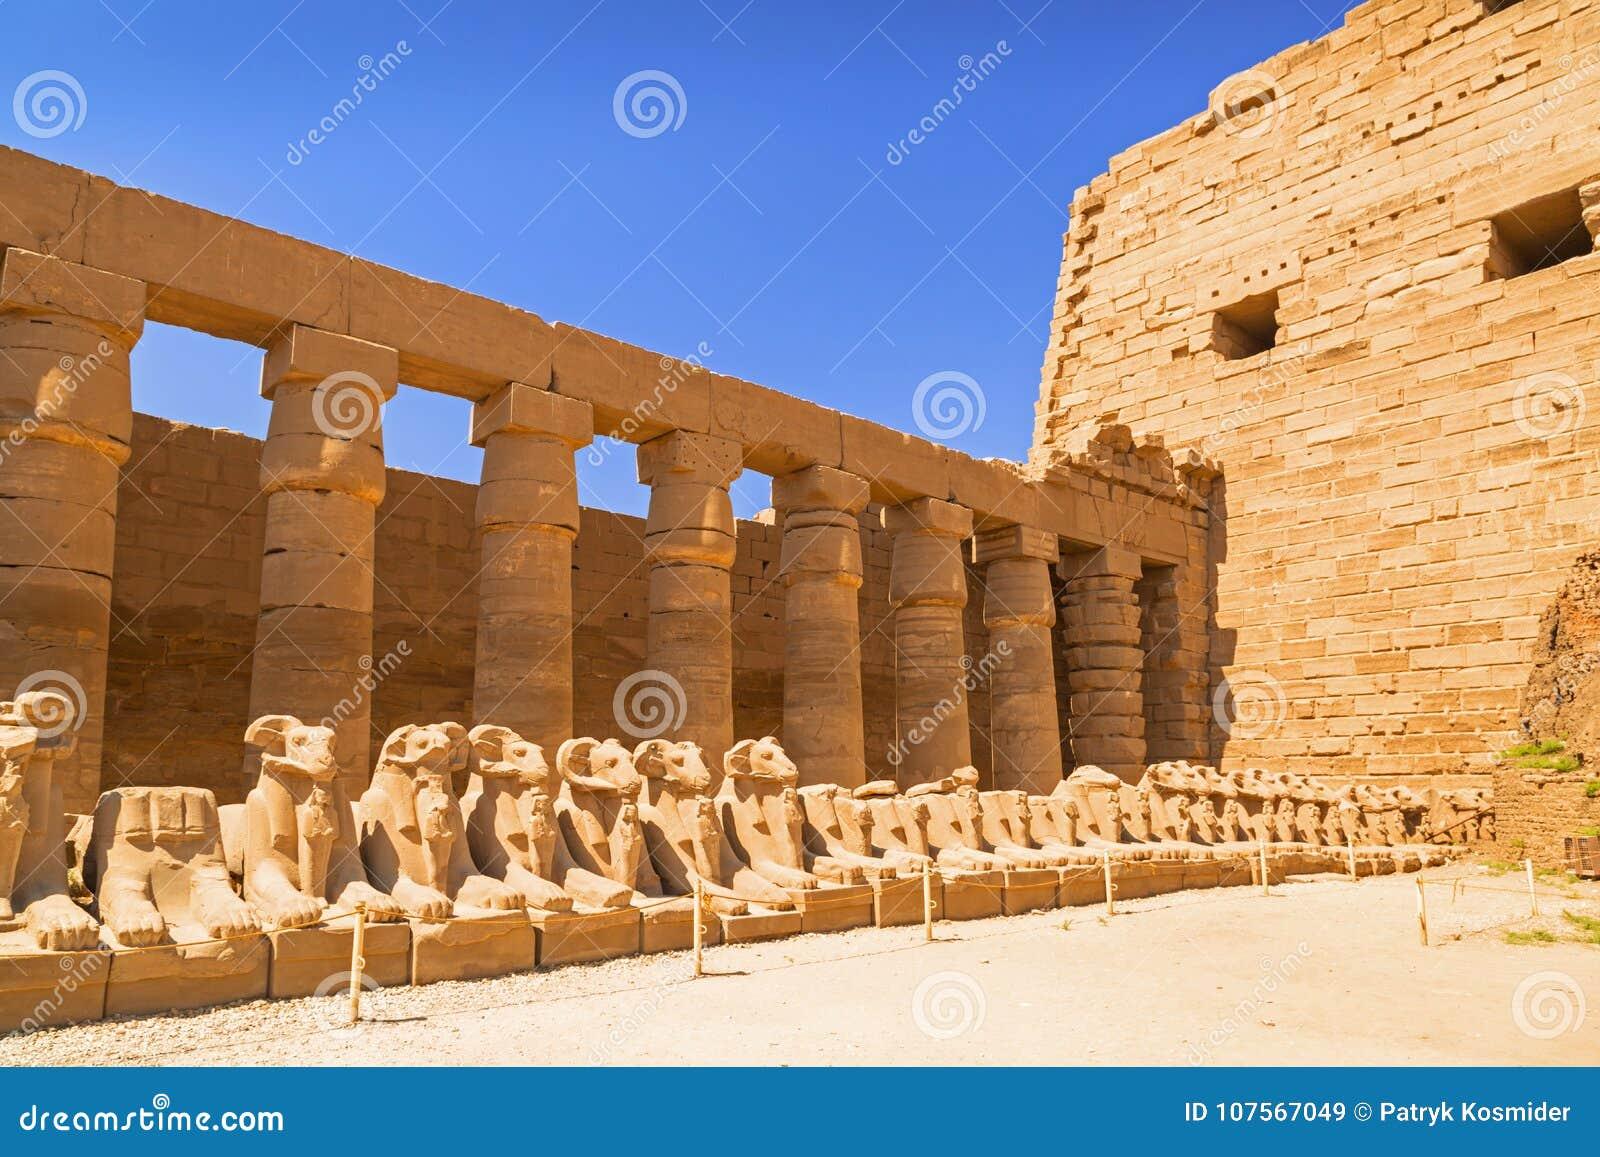 Arquitectura antigua del templo de karnak en egipto imagen for Arquitectura de egipto